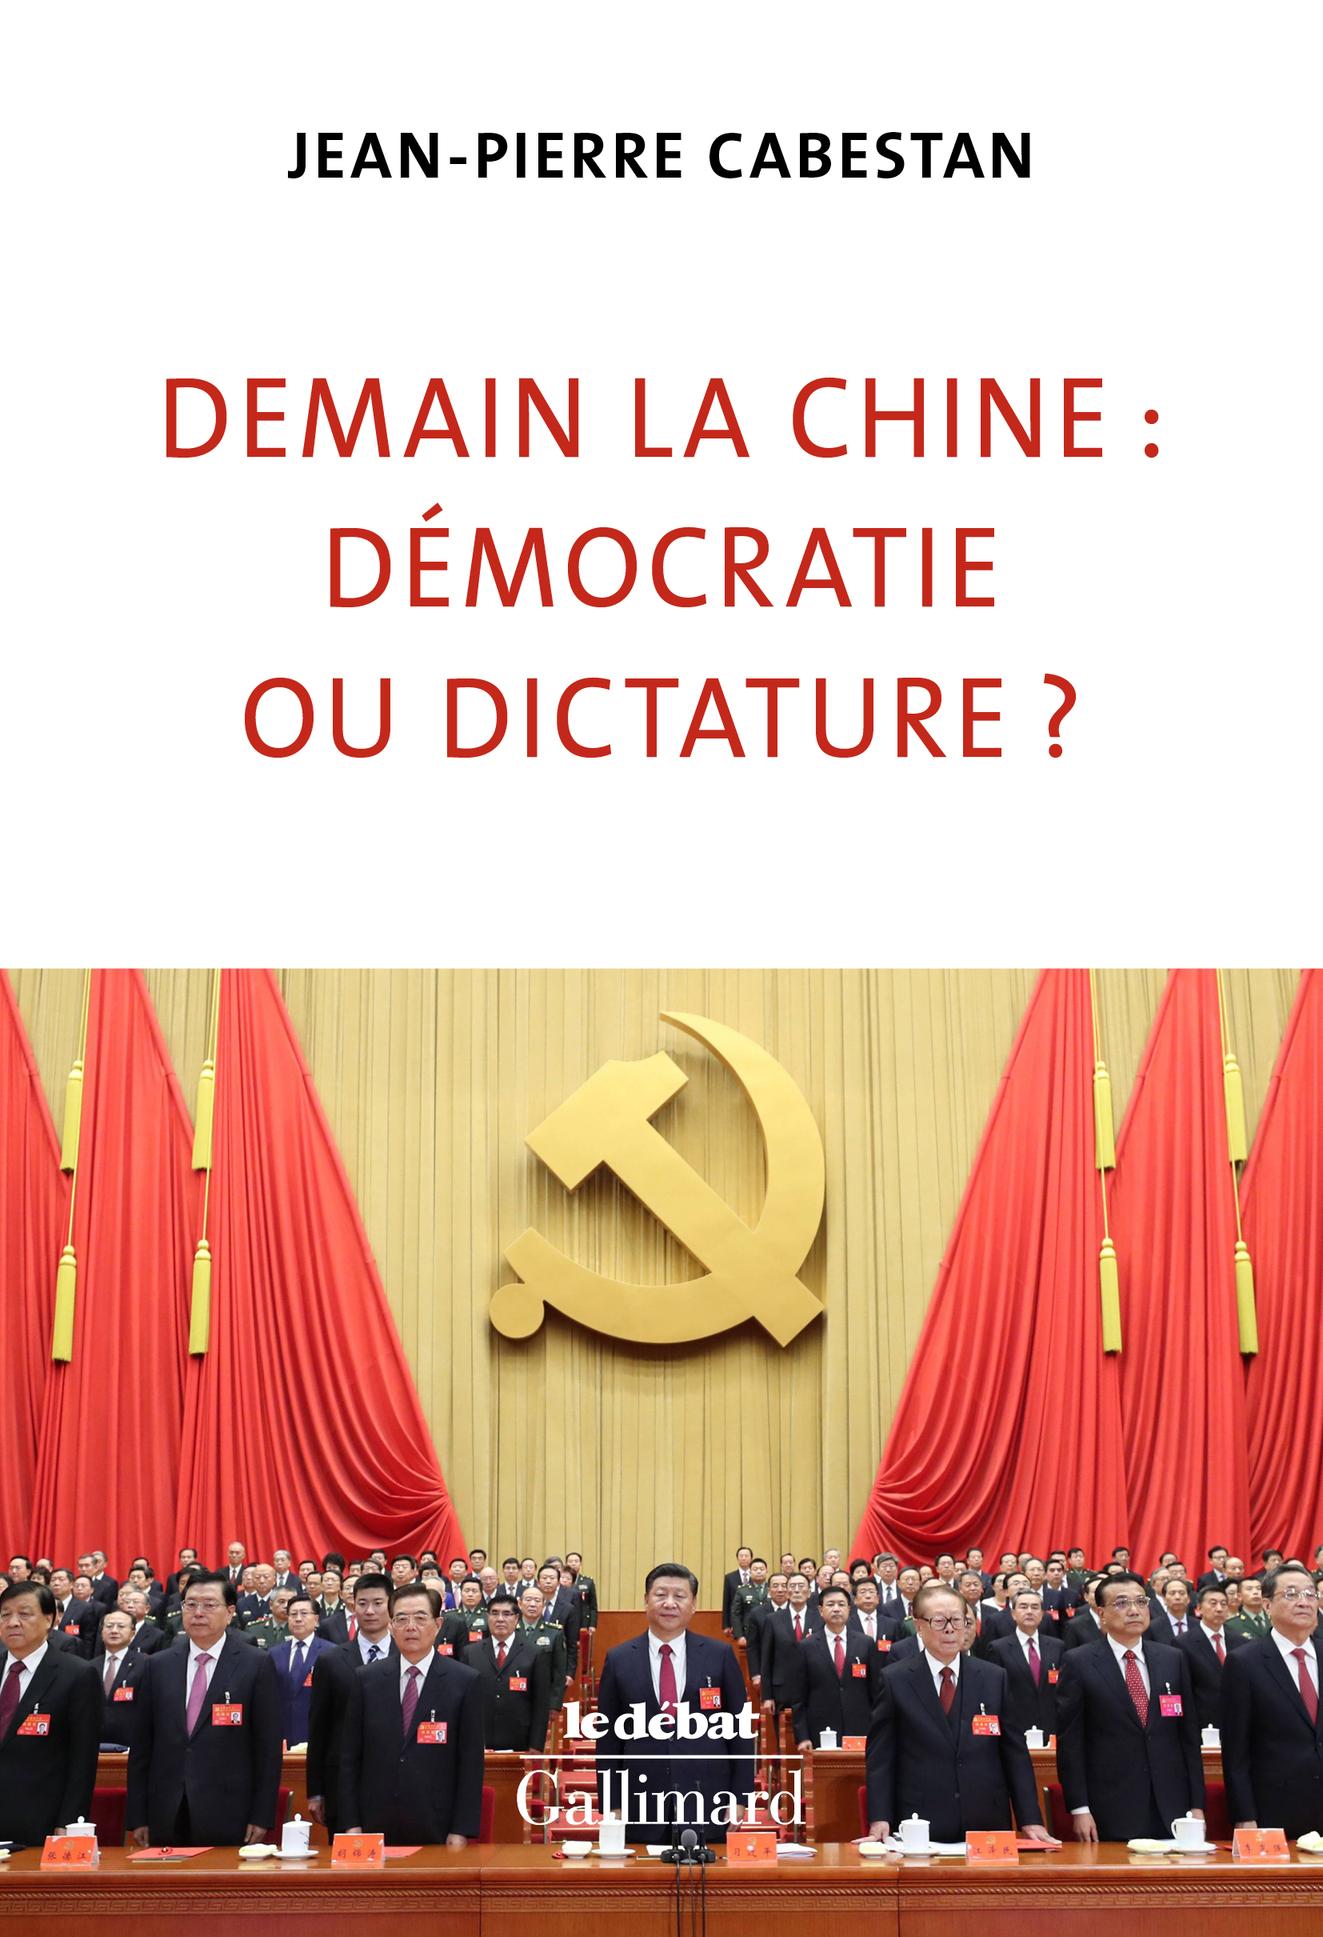 DEMAIN LA CHINE : DEMOCRATIE OU DICTATURE ?